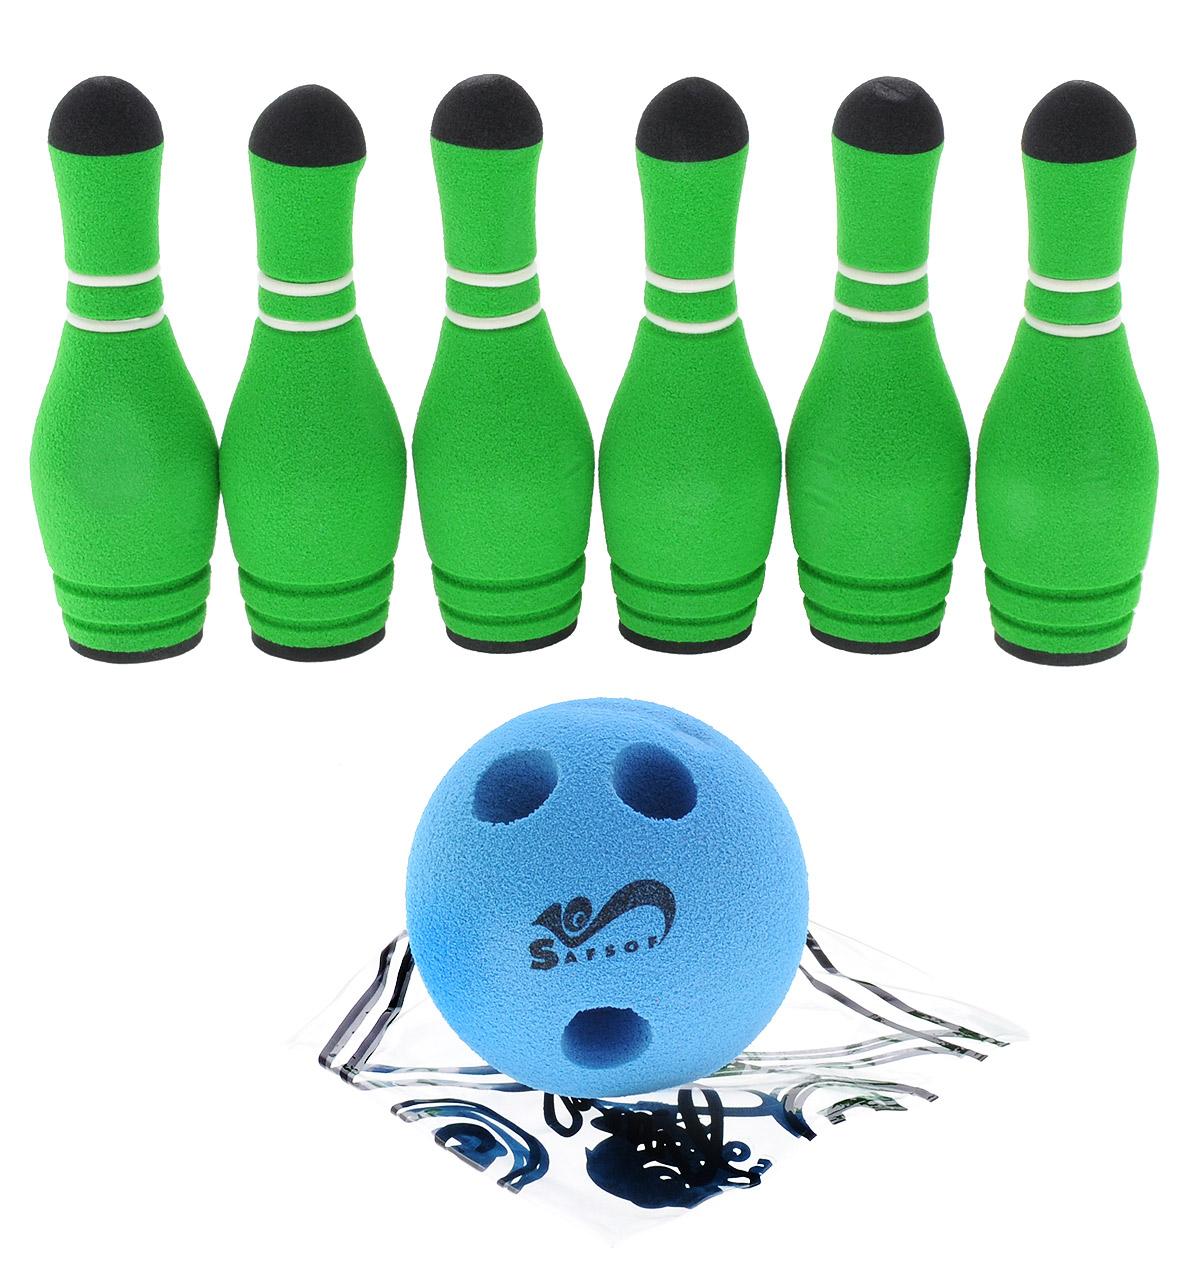 Safsof Игровой набор Мини-боулинг цвет голубой зеленыйMBB-05(B)_голубой,зеленыйИгровой набор Safsof Мини-боулинг, изготовленный из вспененной резины и полимерных материалов, состоит из шести кеглей и шара. Набор очень мягкий, что обеспечивает безопасность ребенку. Суть игры в боулинг - сбить шаром максимальное количество кеглей. Число игроков и количество туров - произвольное. Очки, набранные с каждым броском мяча, рассматриваются как количество сбитых кеглей. Расстояние, с которого совершается бросок, определяется игроками. Каждый игрок имеет право на два броска в одной рамке (рамка - треугольник, на поле которого выстраиваются кегли перед каждым первым броском очередного игрока). Бросок, при котором все кегли сбиты, называется страйк. Если все кегли сбиты первым броском, второй бросок не требуется: рамка считается закрытой. Призовые очки за страйк - это сумма кеглей, сбитых игроком следующими двумя бросками. Выигрывает тот игрок, который в сумме набирает больше очков.